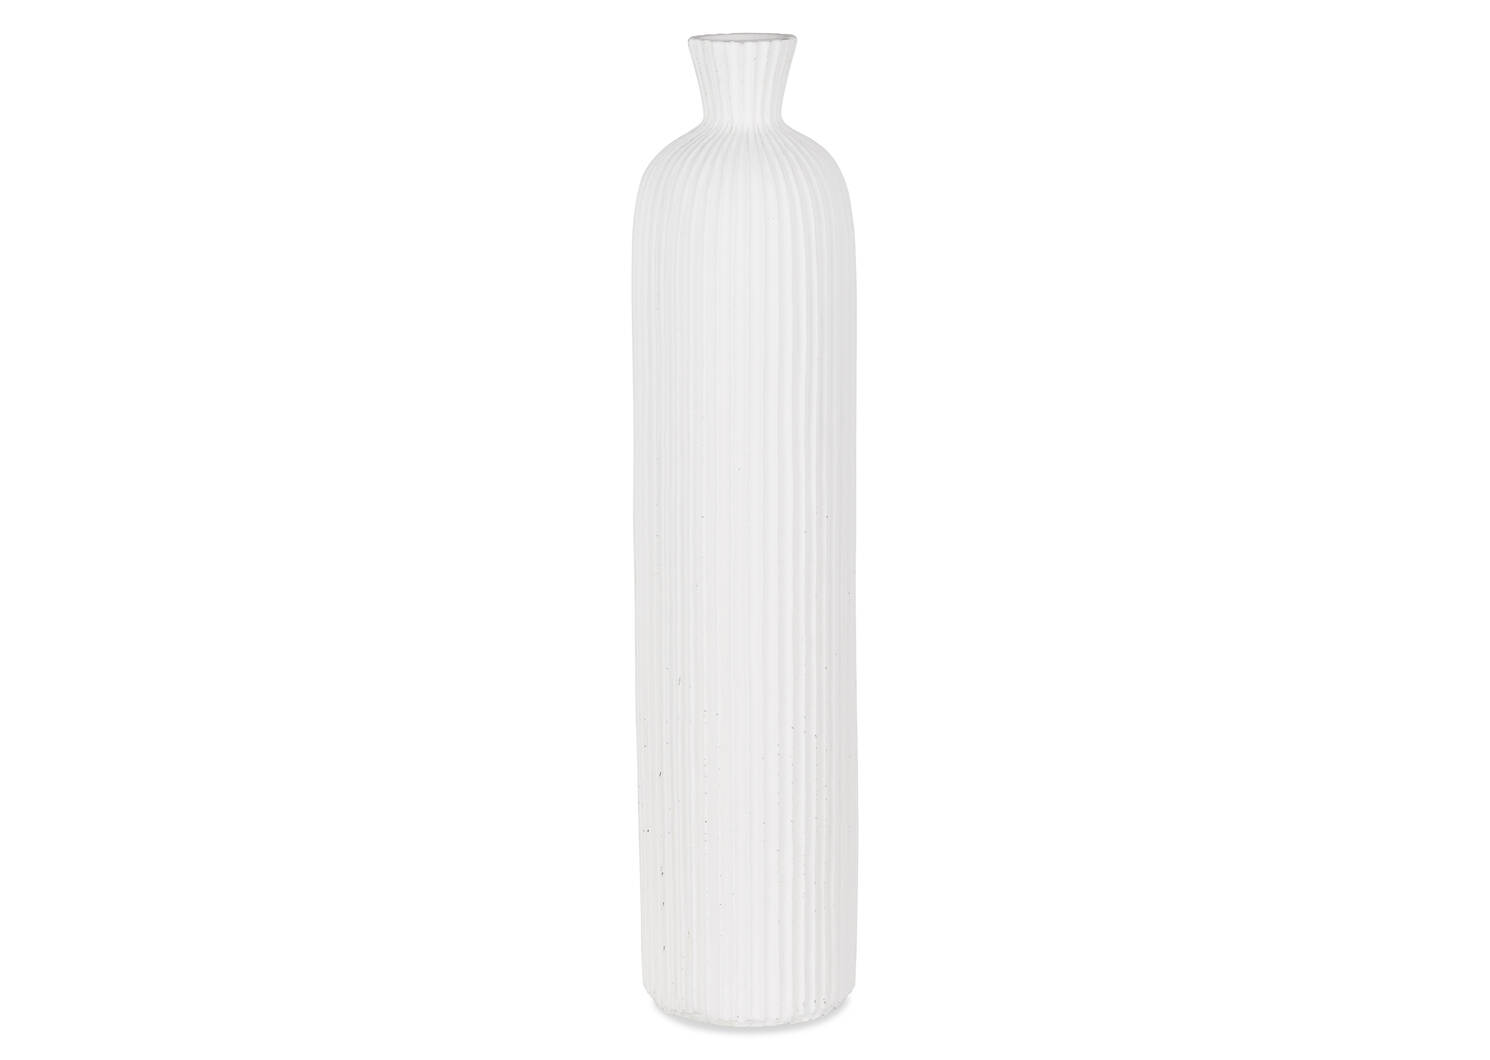 Petit vase Blaire blanc